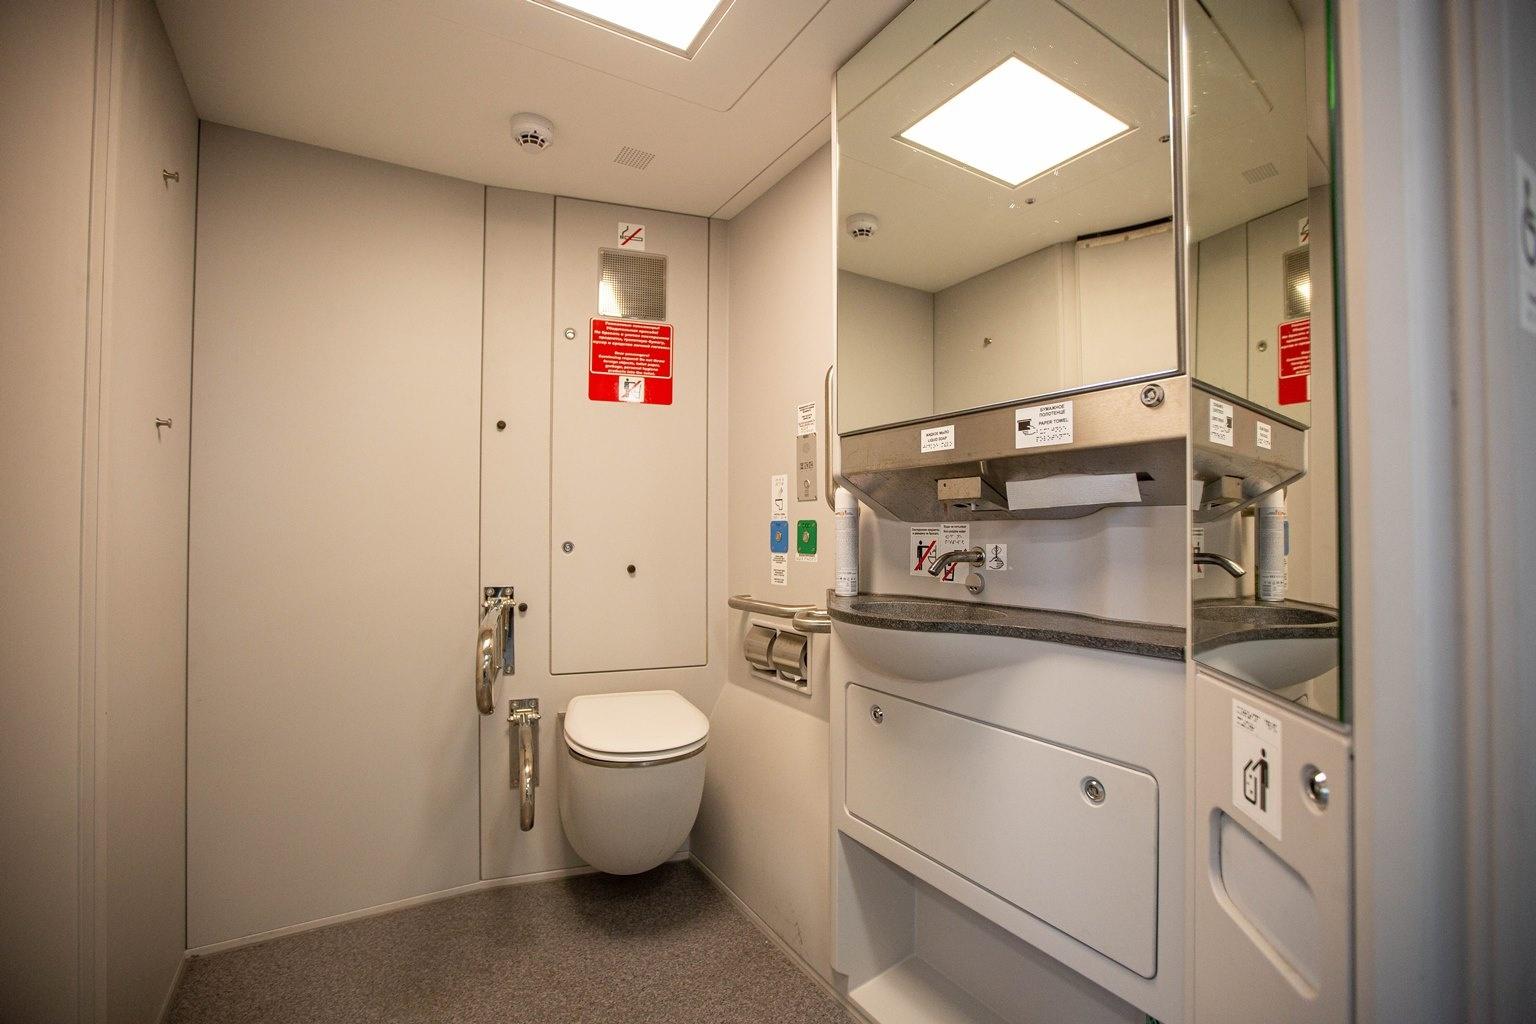 В поезде есть пять санузлов, в том числе отдельный для людей с инвалидностью. Уборные комнаты стали просторнее, чем в старых экспрессах. Из нововведений — сенсорный смеситель: он включается, когда к нему подносишь руки